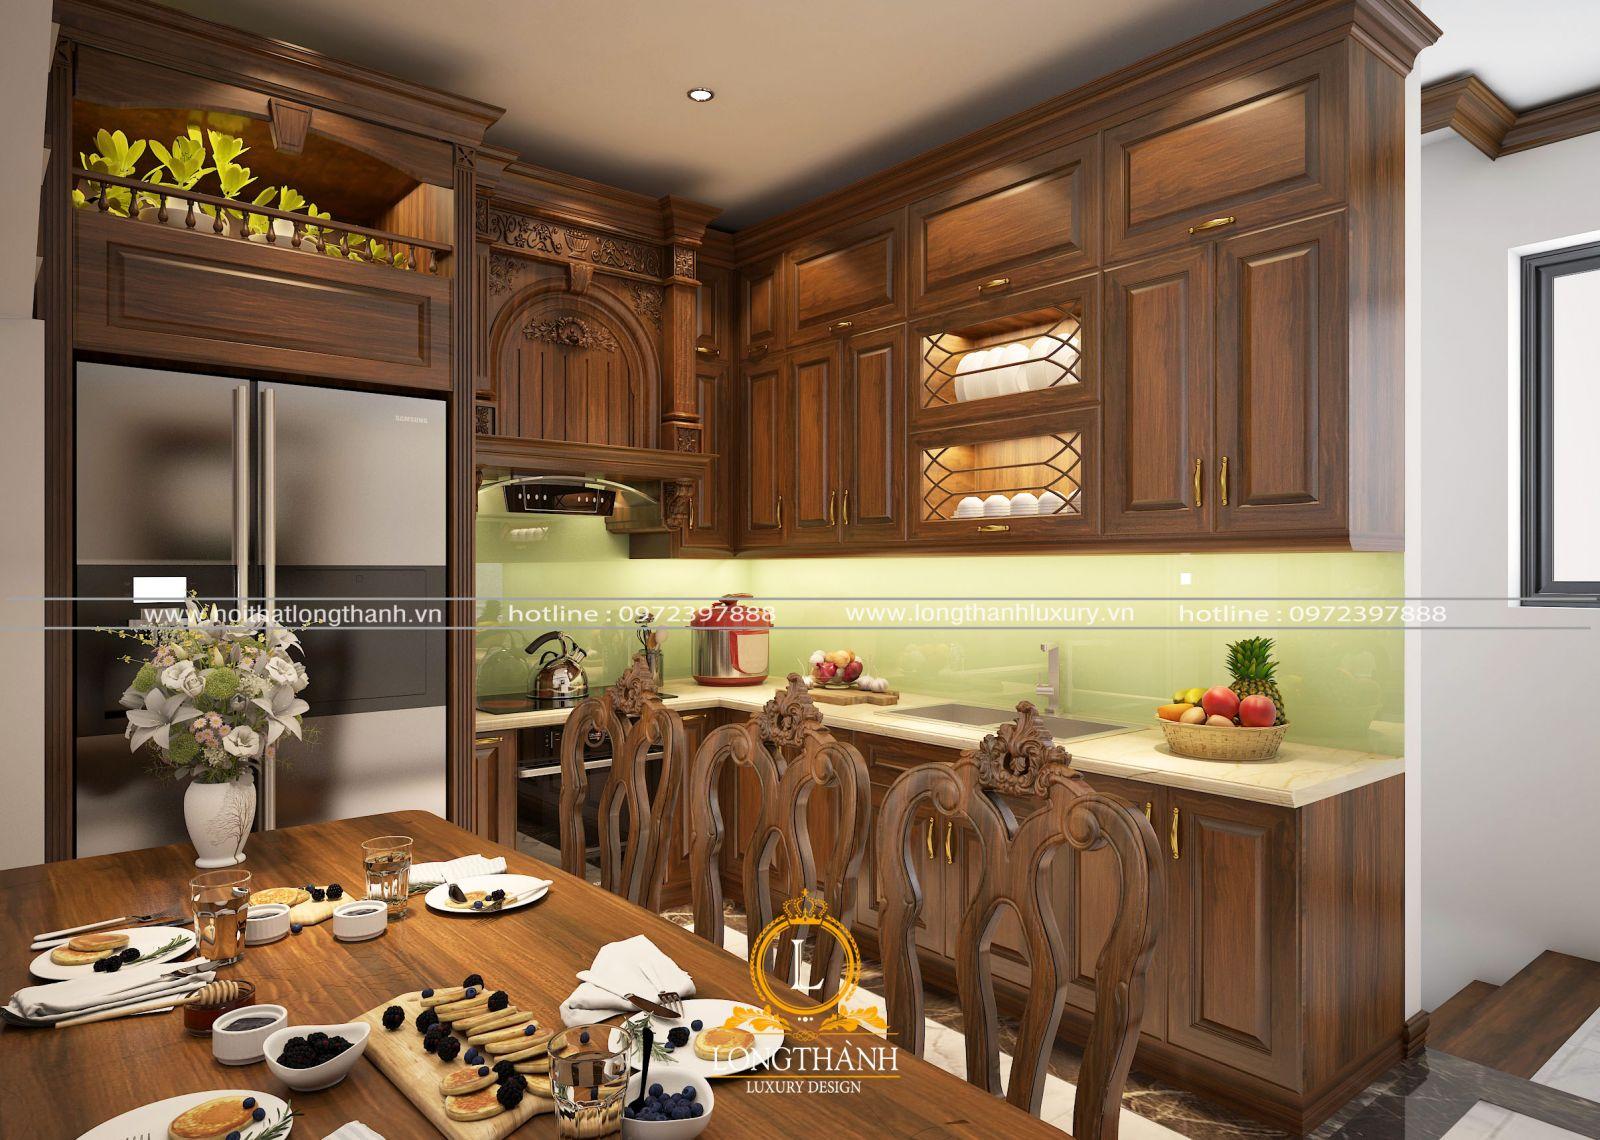 Mẫu tủ bếp gỗ Gõ chữ L sang bền đẹp lại nhỏ gọn tiện lợi tiết kiệm diện tích